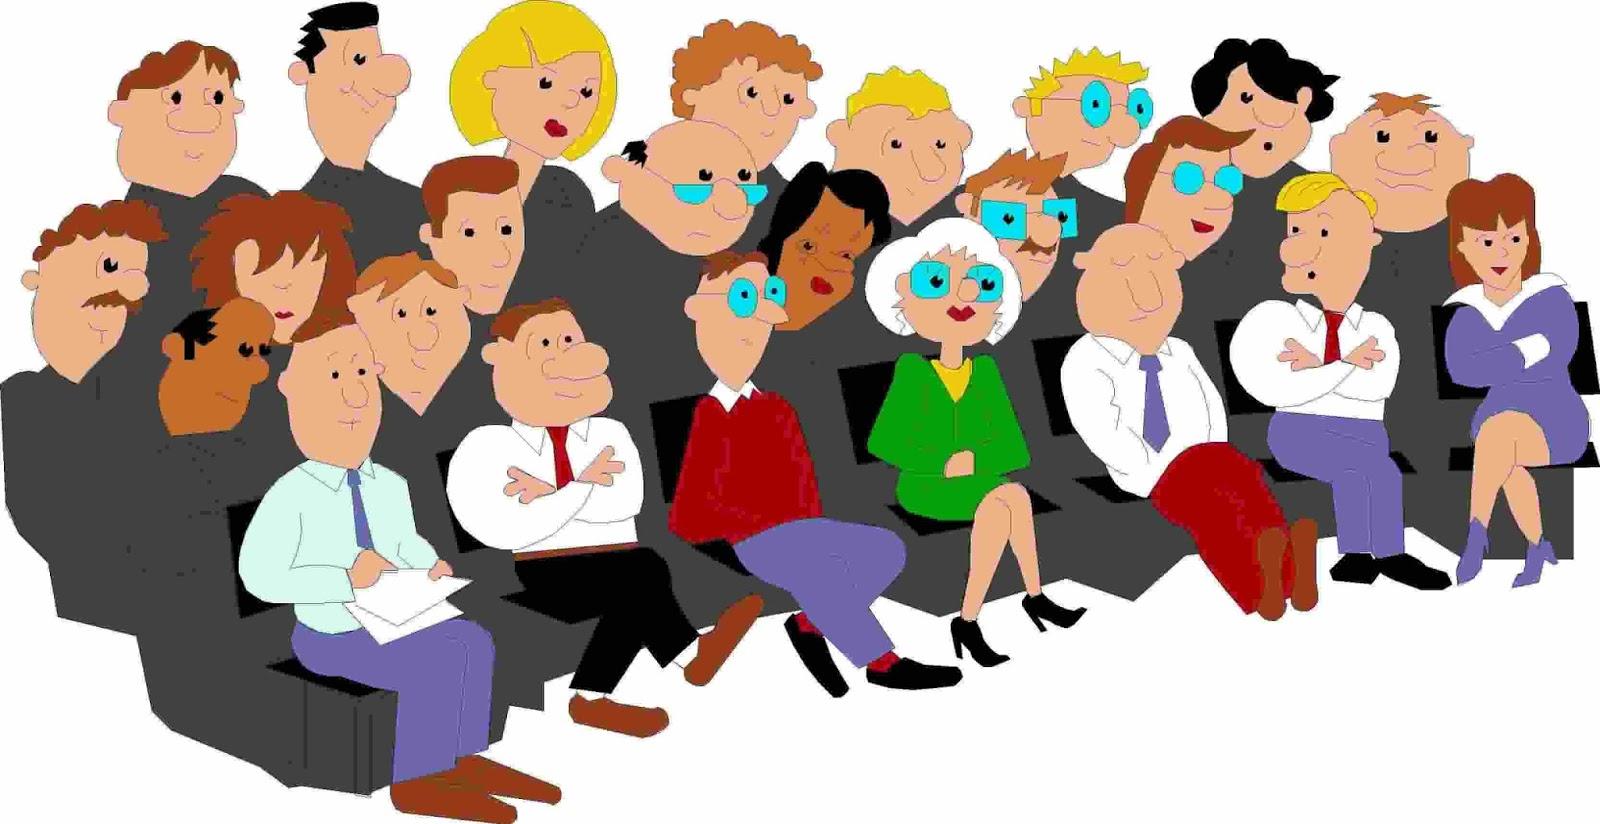 Смешные картинки про собрание в детском саду, открытки февраля детском